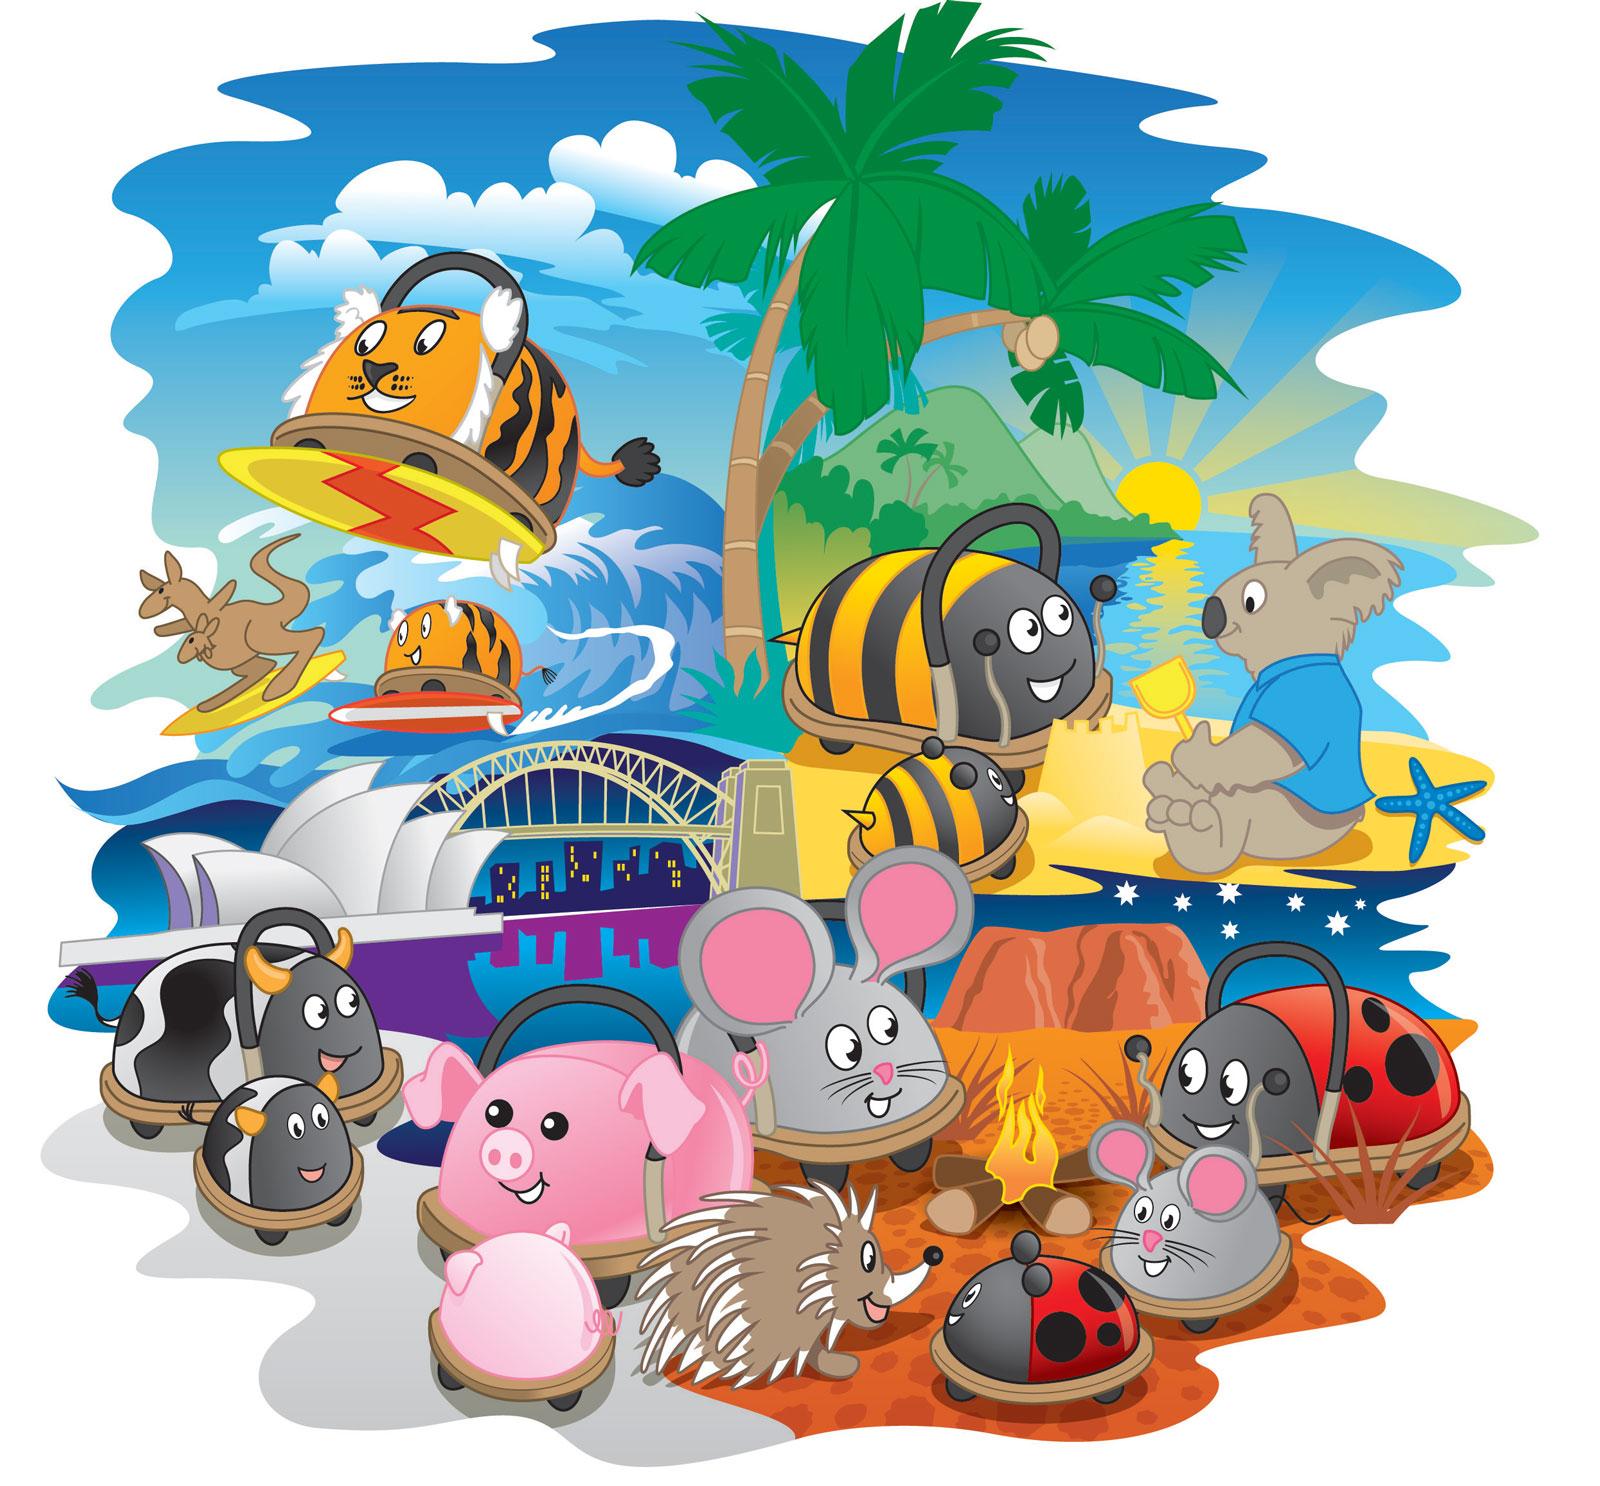 Wheelybug® toy illustration